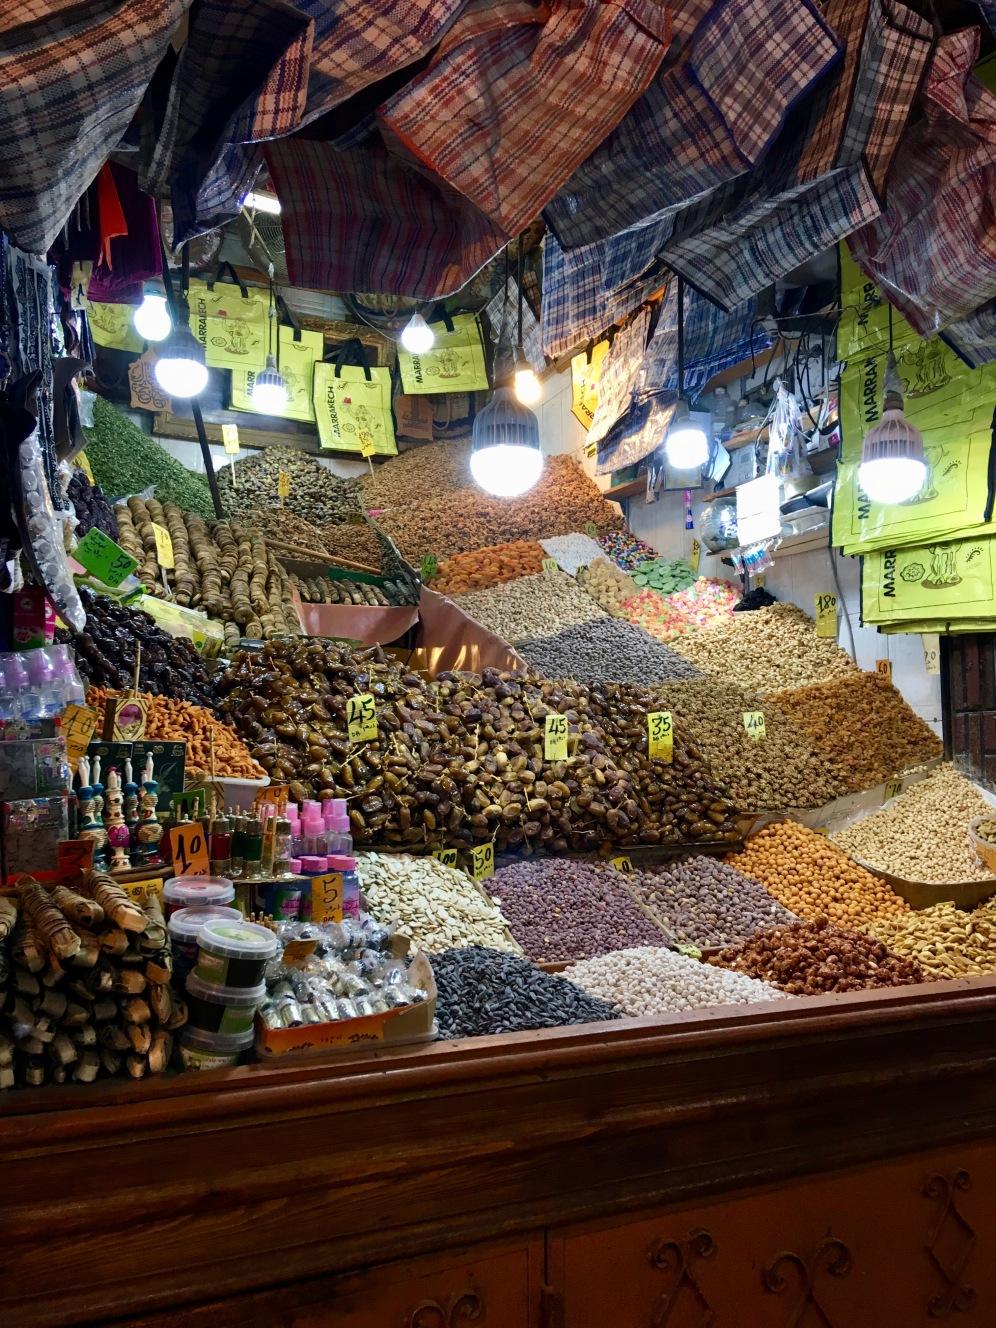 SO MANY NUTS!!!